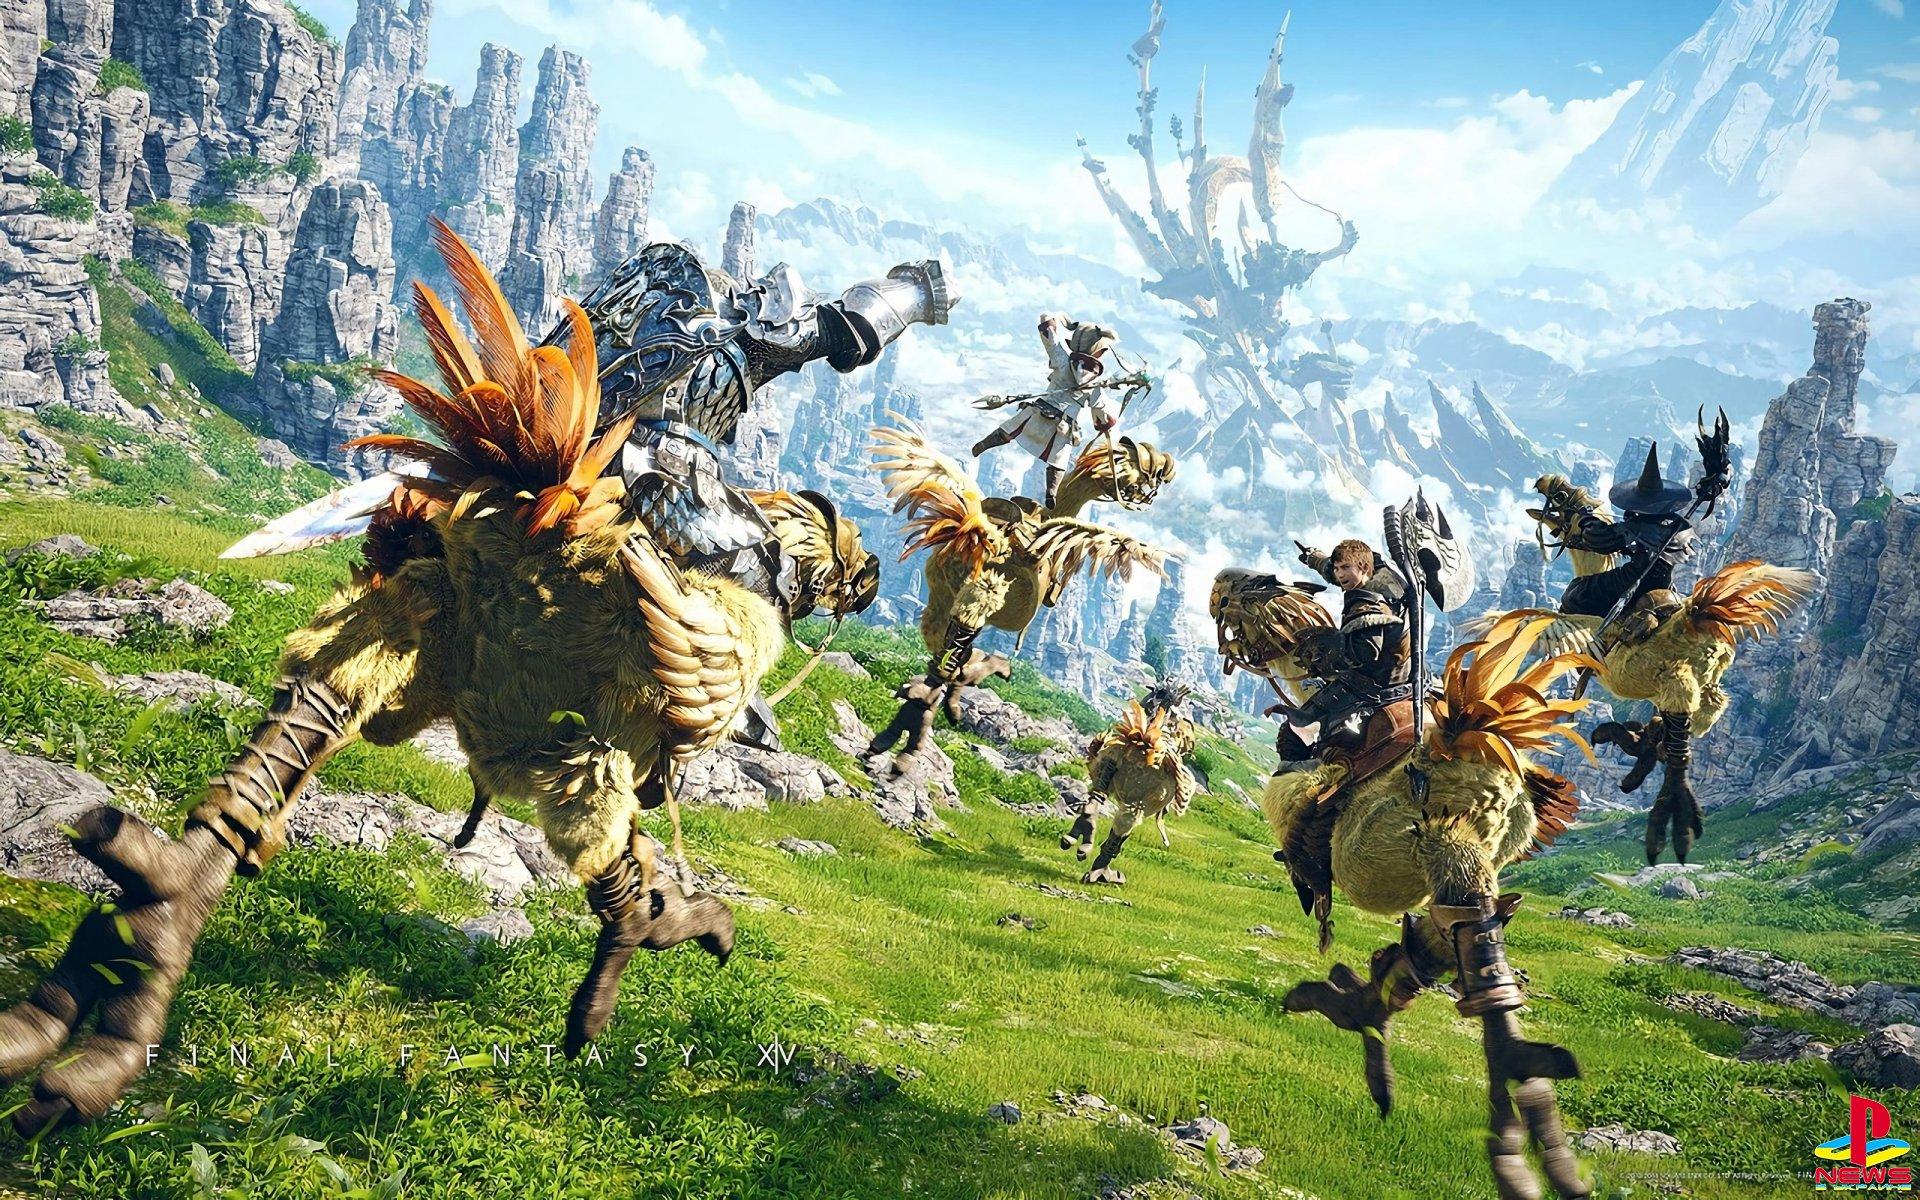 Компания Square Enix сообщила, что ролевая игра Final Fantasy XIV в версии для PlayStation 5 выйдет 25 мая